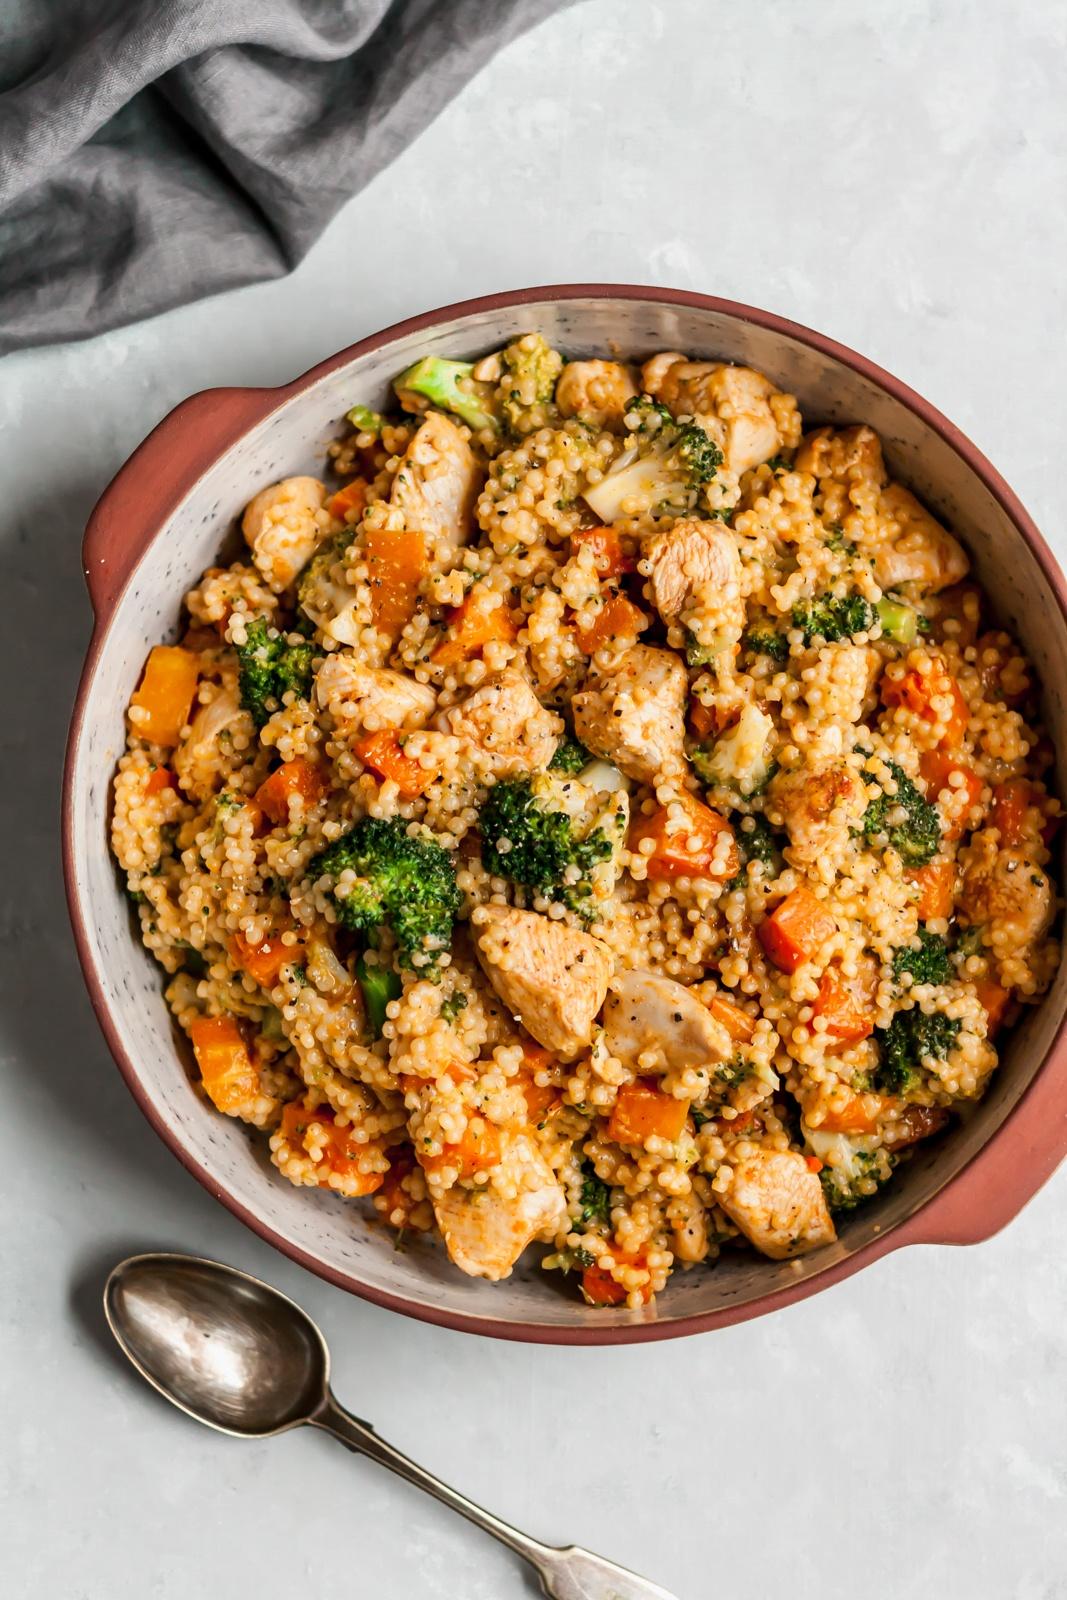 couscous recepten - recepten met couscous - koken met couscous - couscous met groenten - couscous met vlees - couscous salade - makkelijk recept met couscous